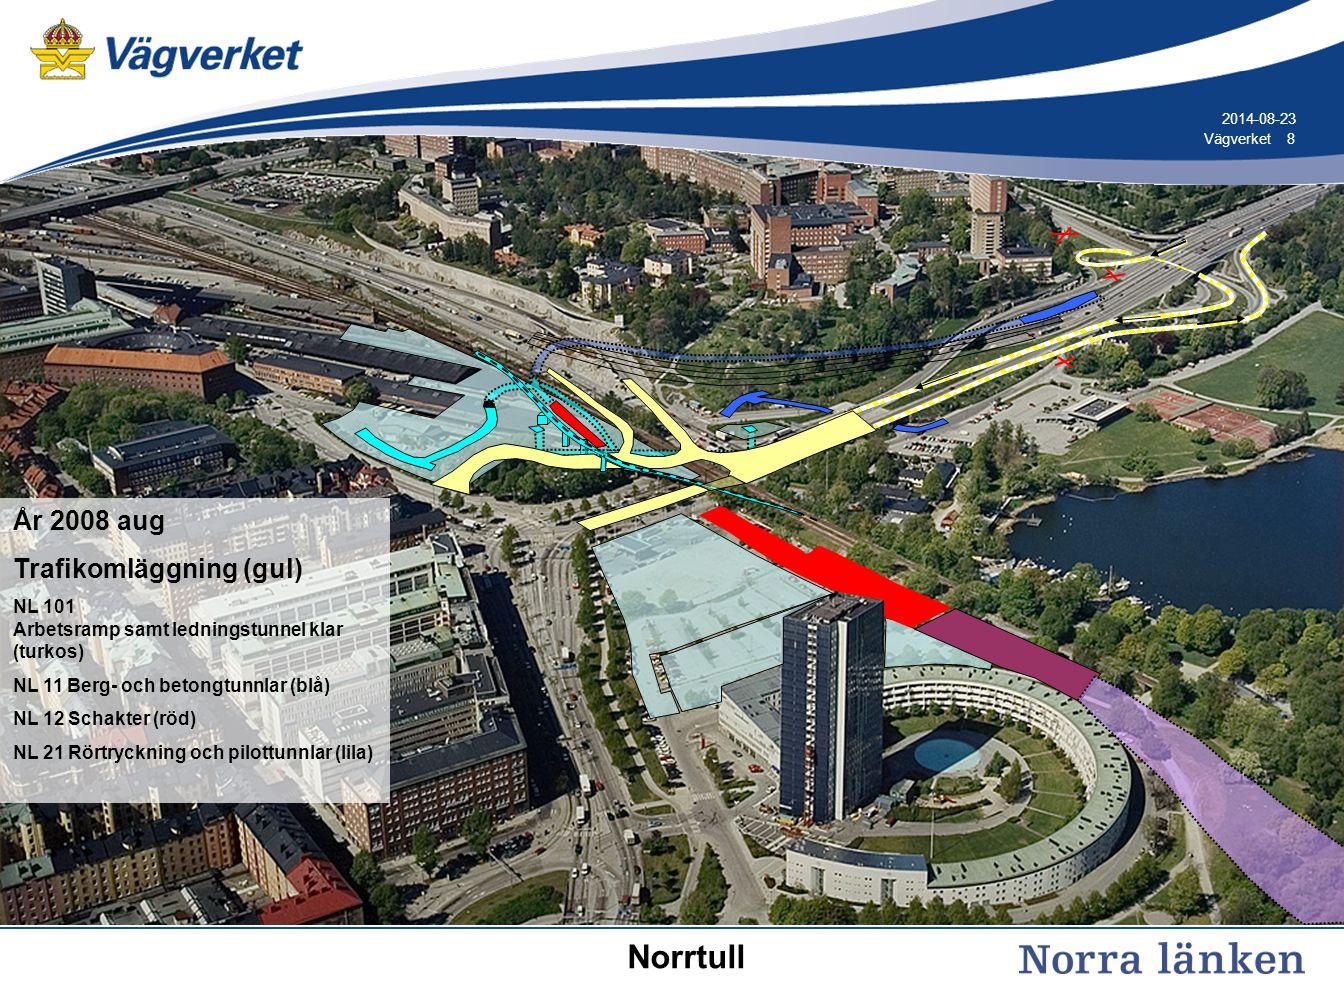 8 8Vägverket 2014-08-23 År 2008 aug Trafikomläggning (gul) NL 101 Arbetsramp samt ledningstunnel klar (turkos) NL 11 Berg- och betongtunnlar (blå) NL